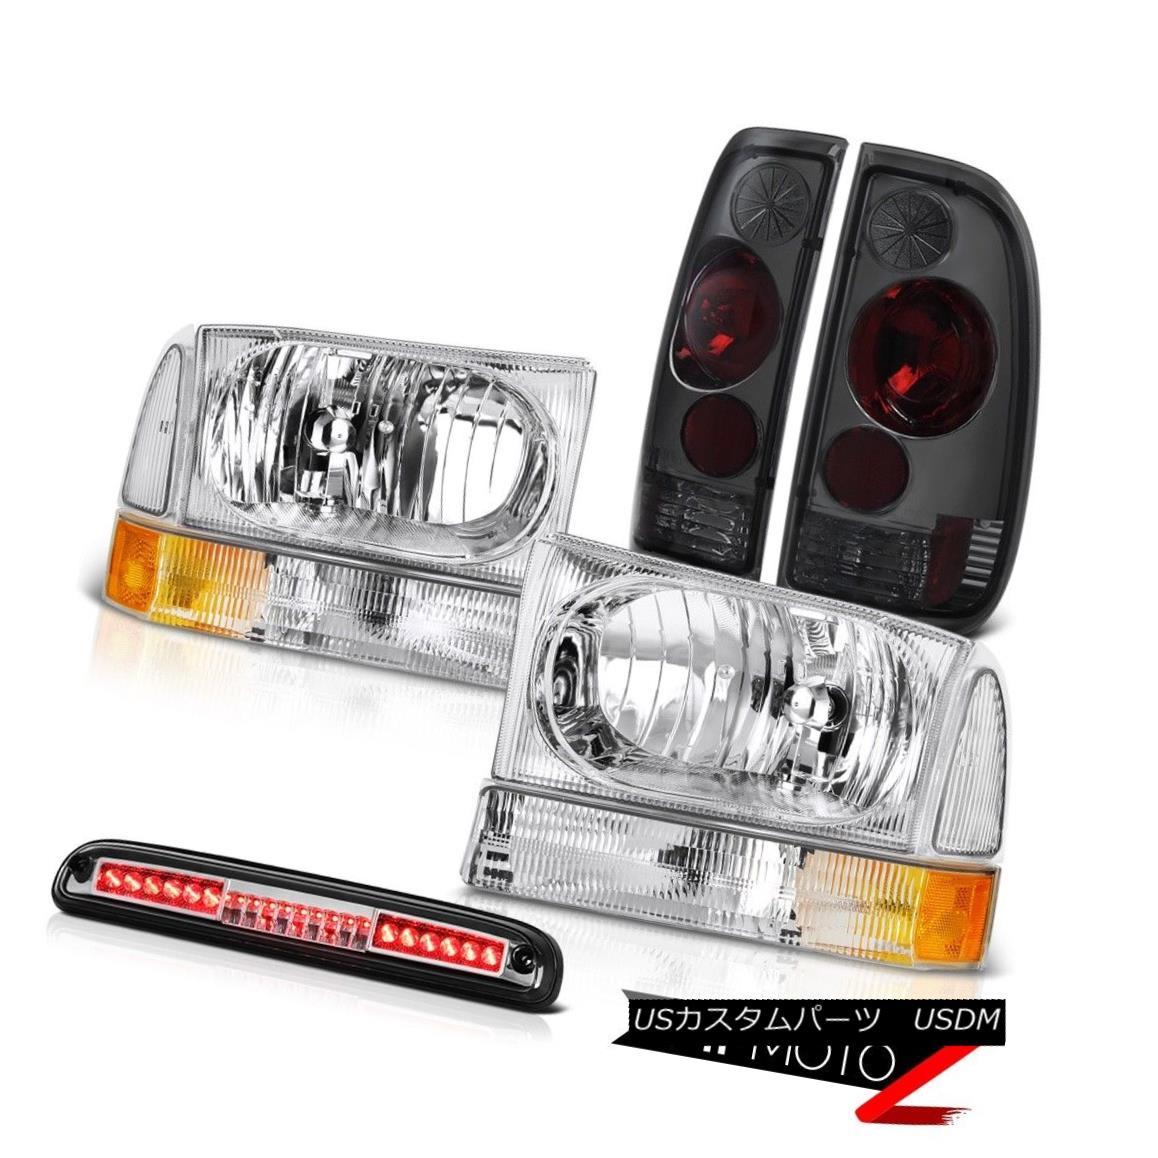 テールライト Left Right Headlights Smoke Tail Lamps Chrome 3rd Brake LED 1999-2004 F350 6.8L 左右ヘッドライトスモークテールランプクローム第3ブレーキLED 1999-2004 F350 6.8L